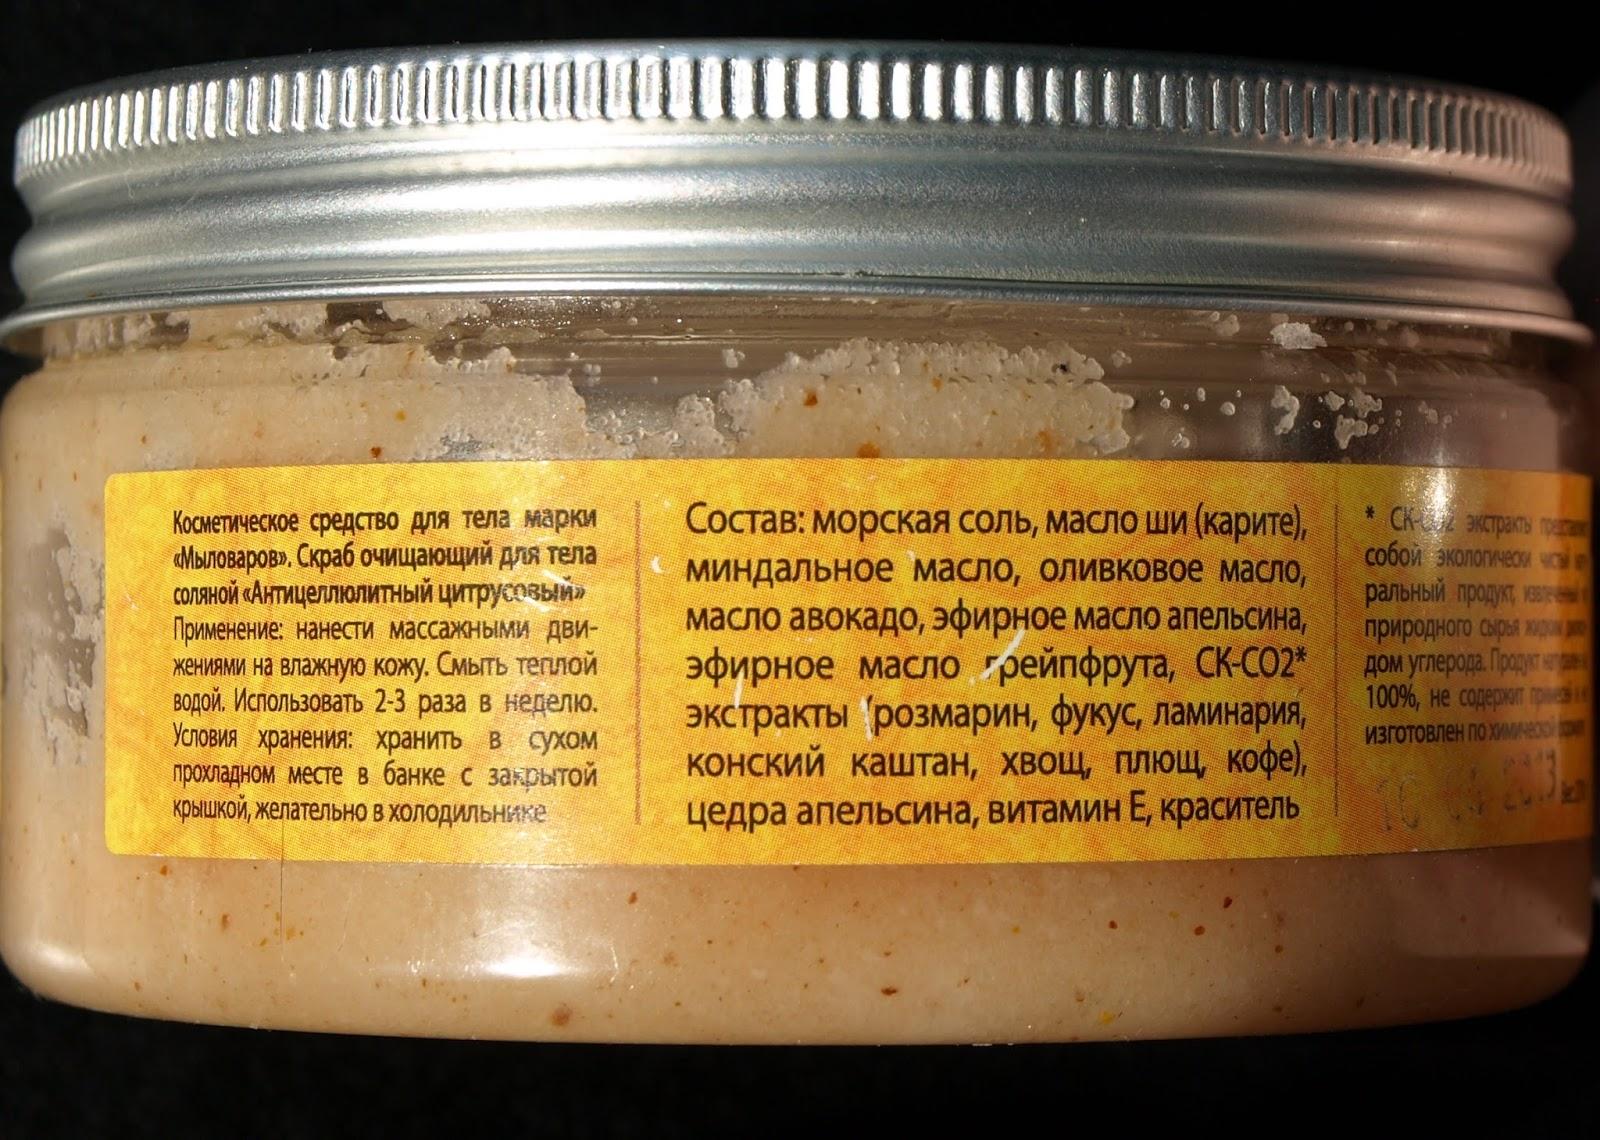 Скраб для тела из соли со сливками